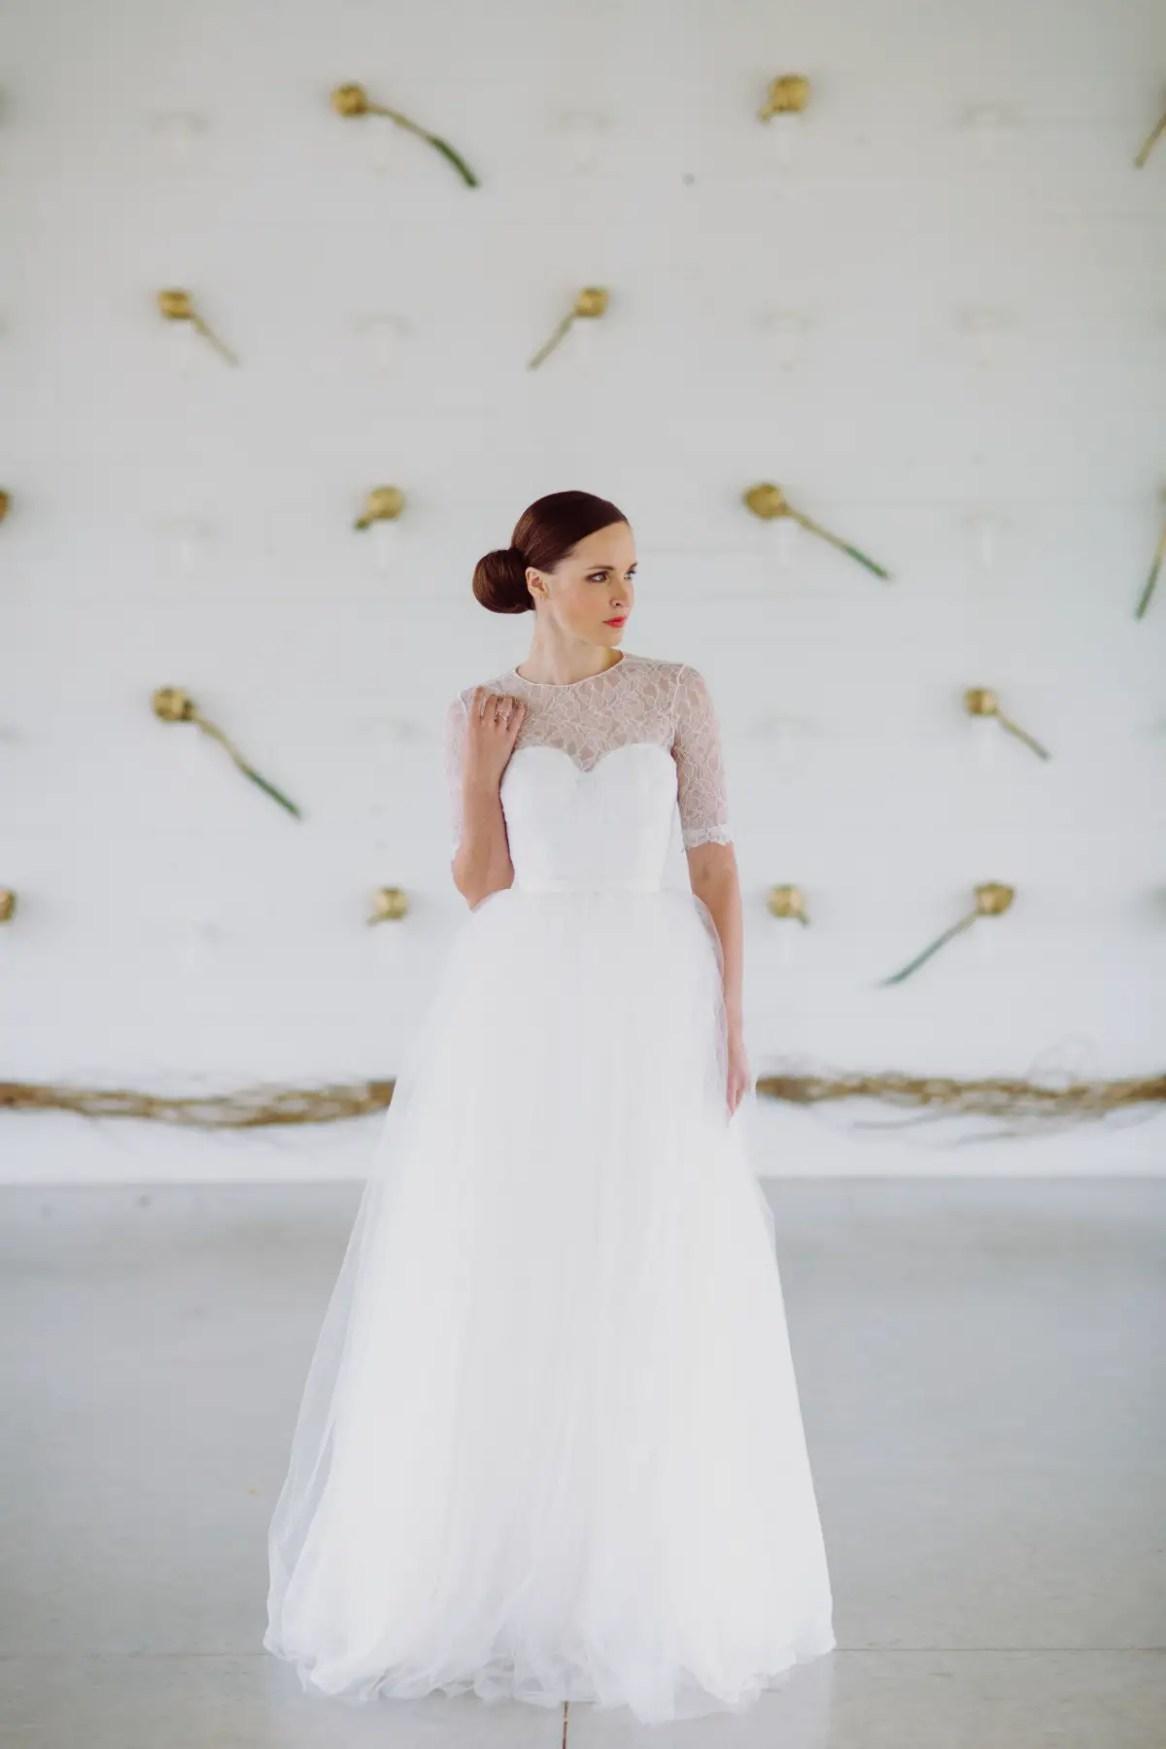 pas-de-deux-bridal-gowns-shoot-austin-009